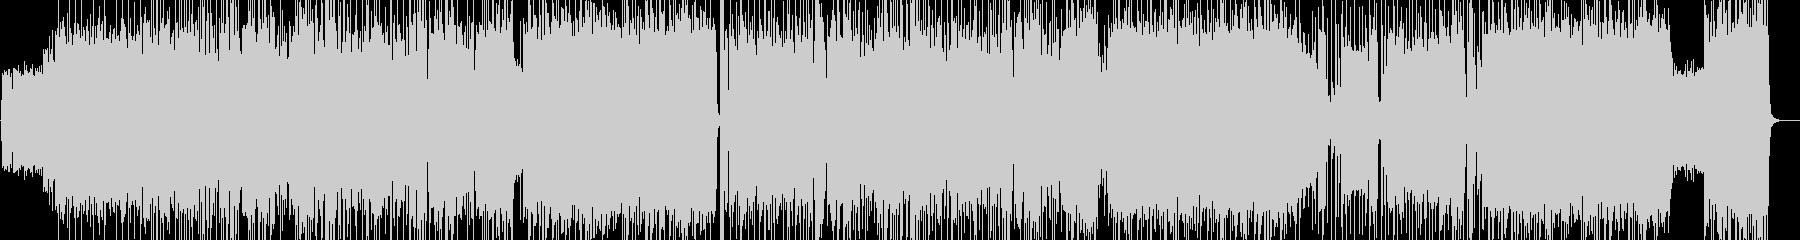 三味線デュオ 和風ハードロックの未再生の波形